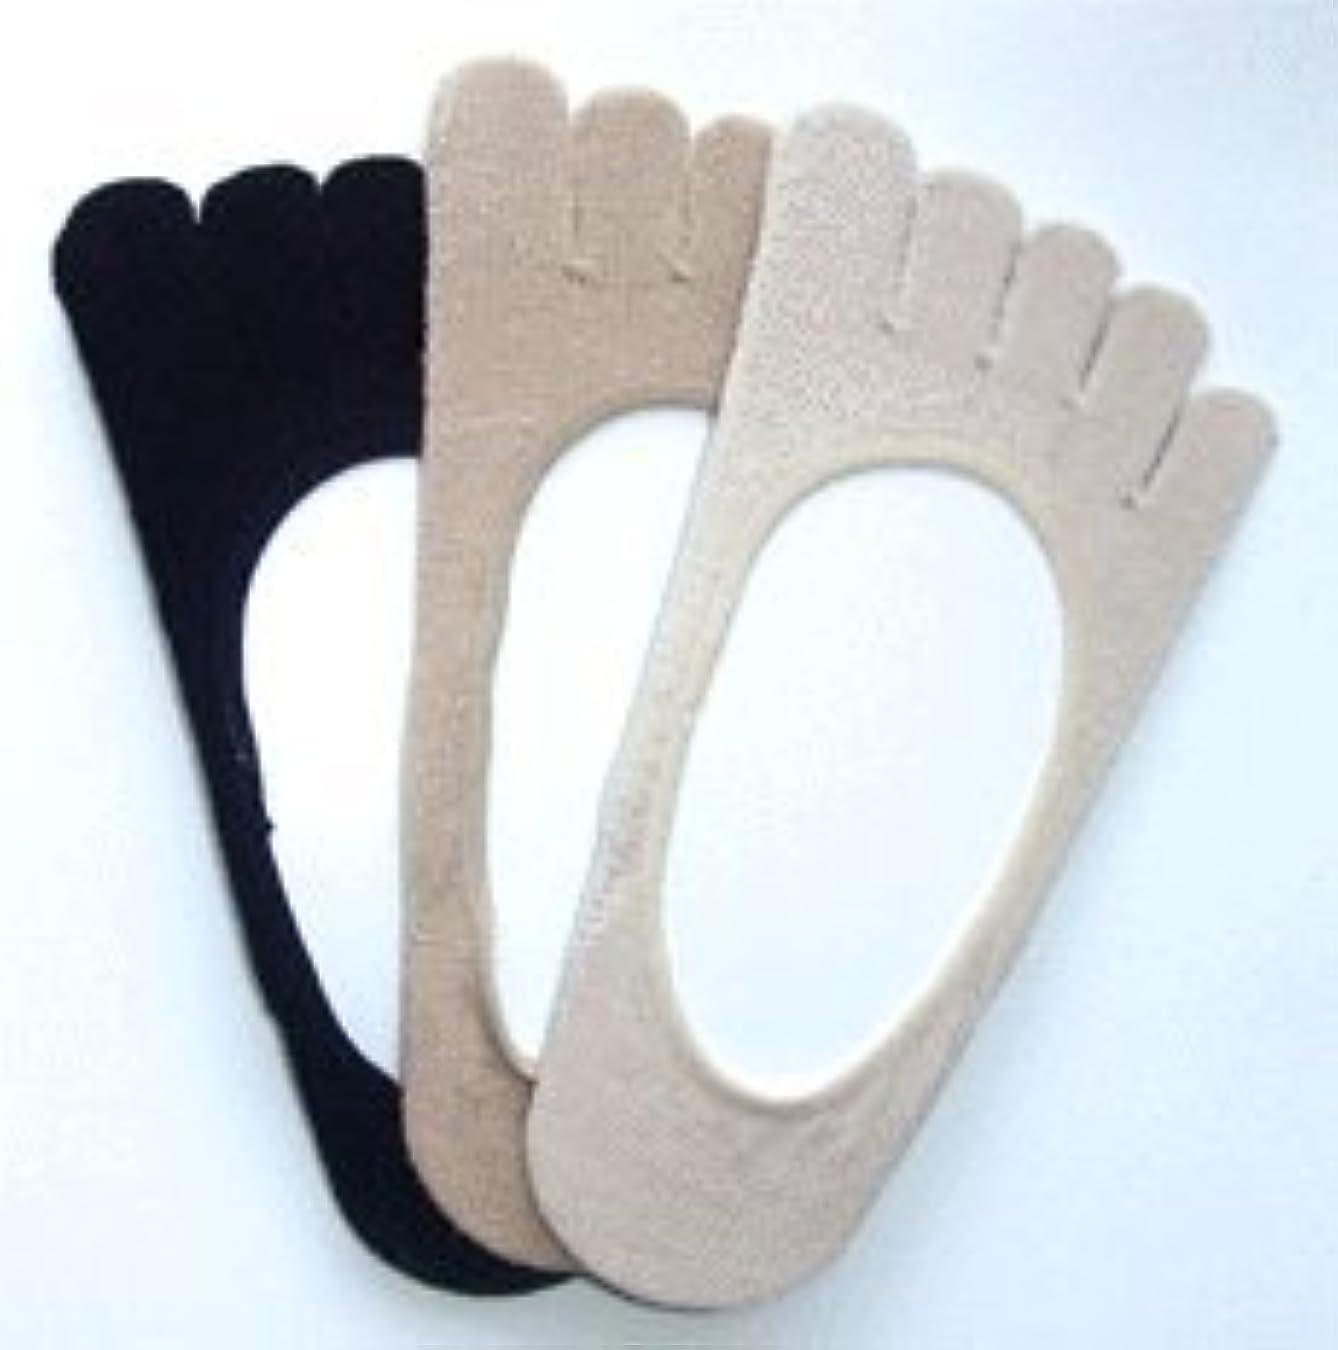 十プロペラ注ぎます日本製 シルク五本指 フットカバー パンプスインソックス 3足組(ベージュ系2足、黒色1足)